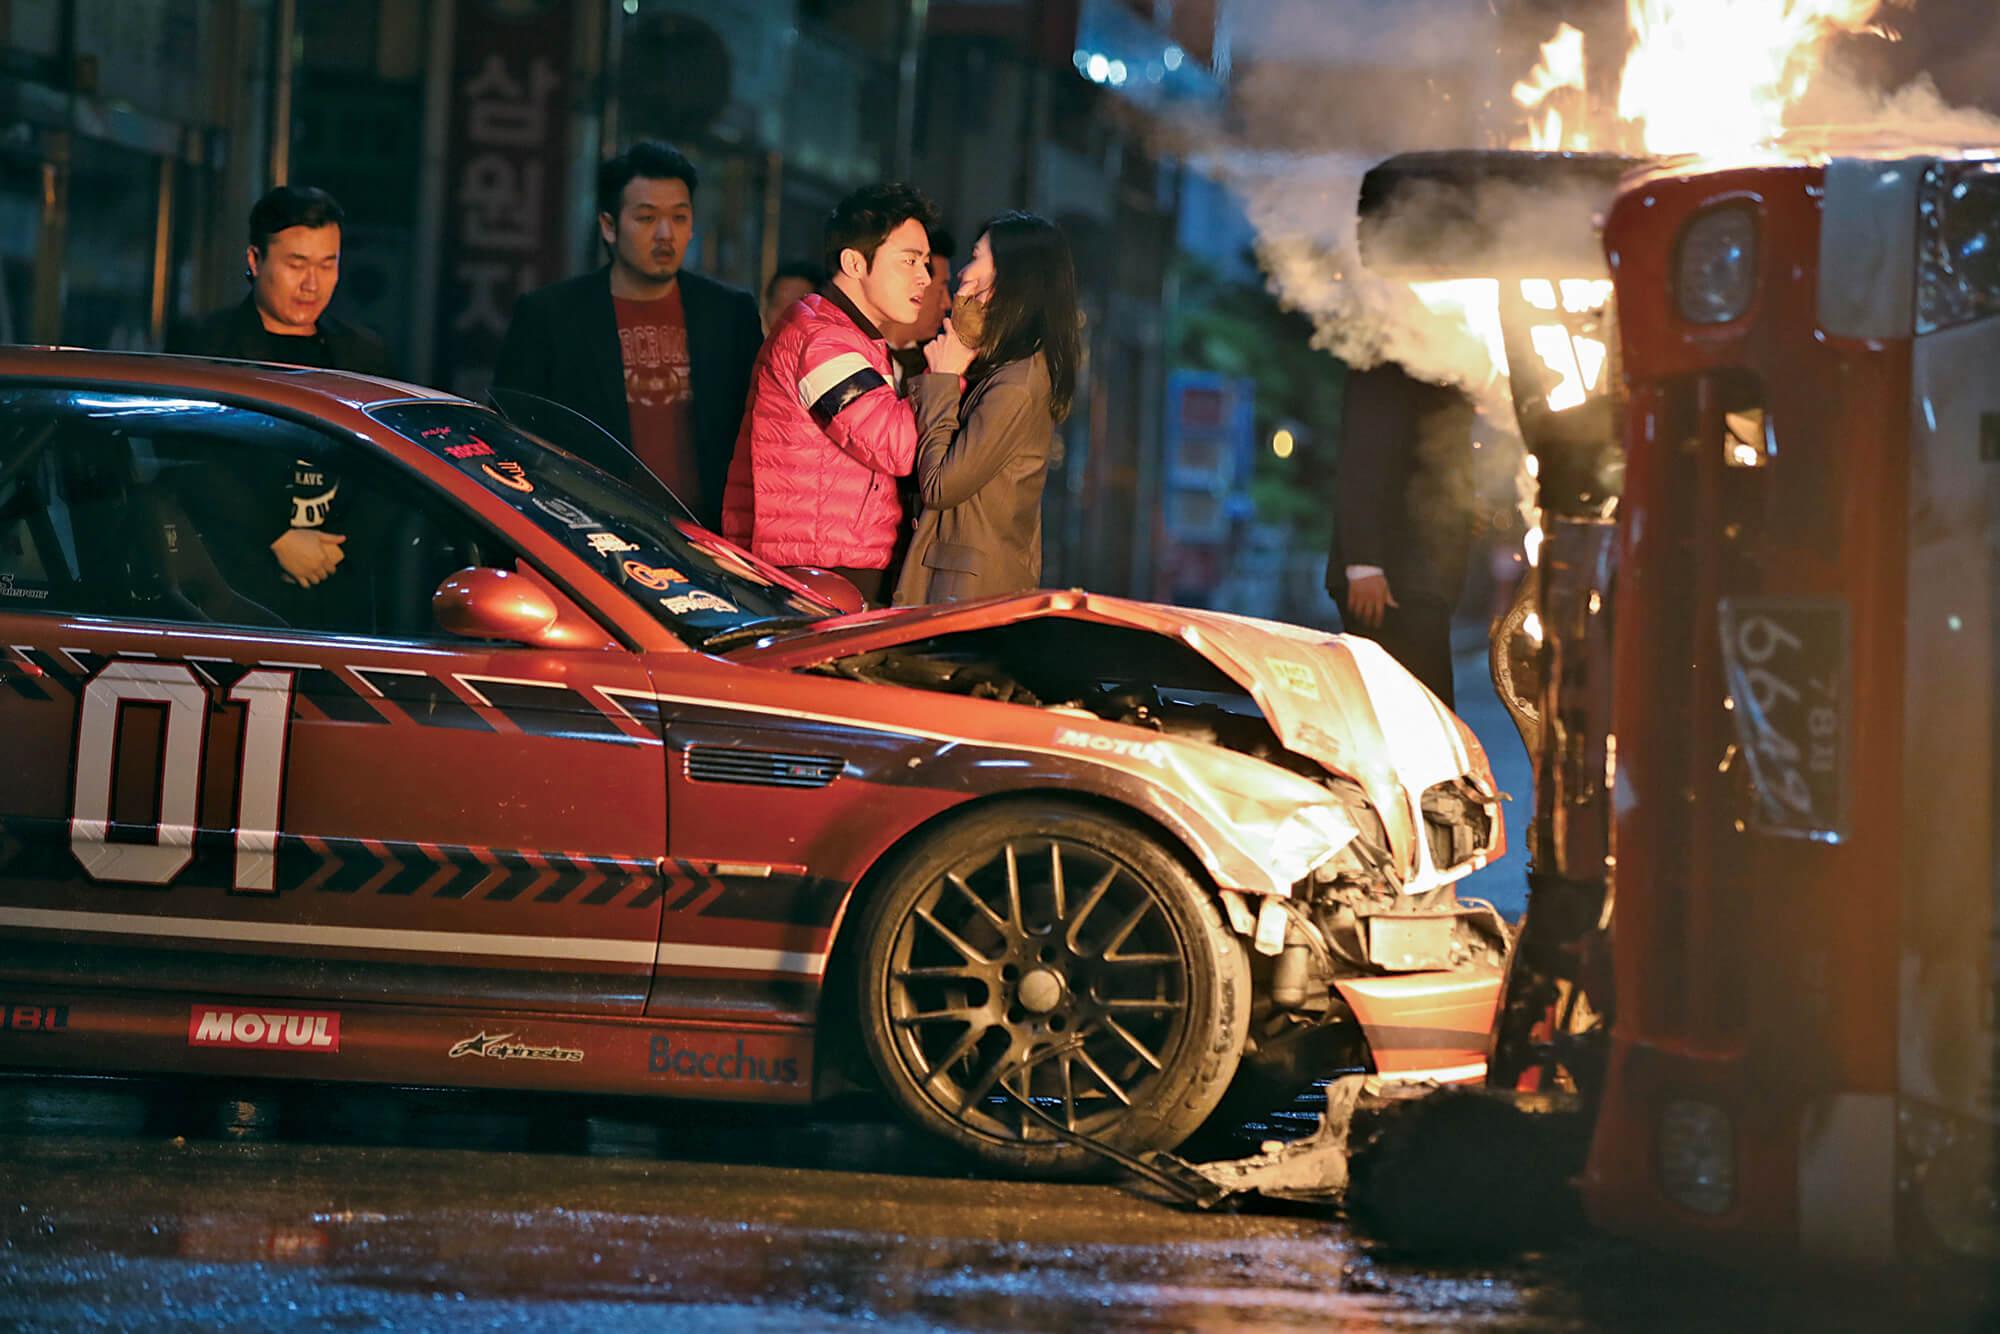 曹政奭在戲中飾演火爆車手,是他第一次演反角。